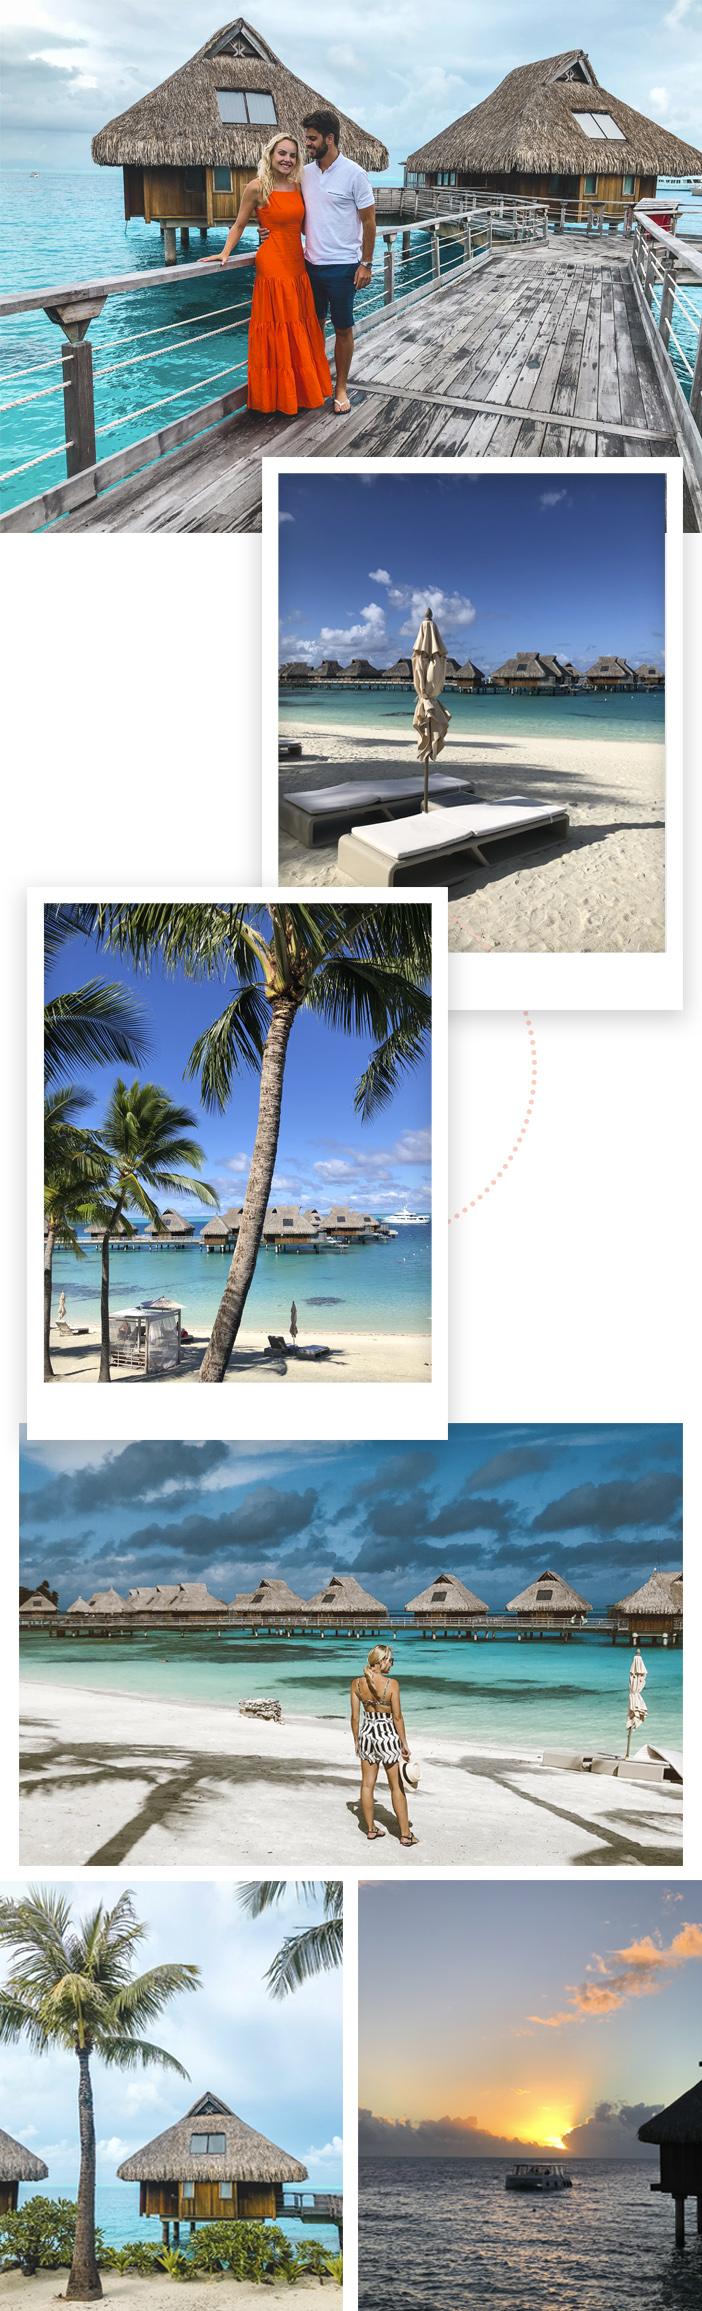 Diário de Bordo - Lua de Mel em Bora Bora - Hotel